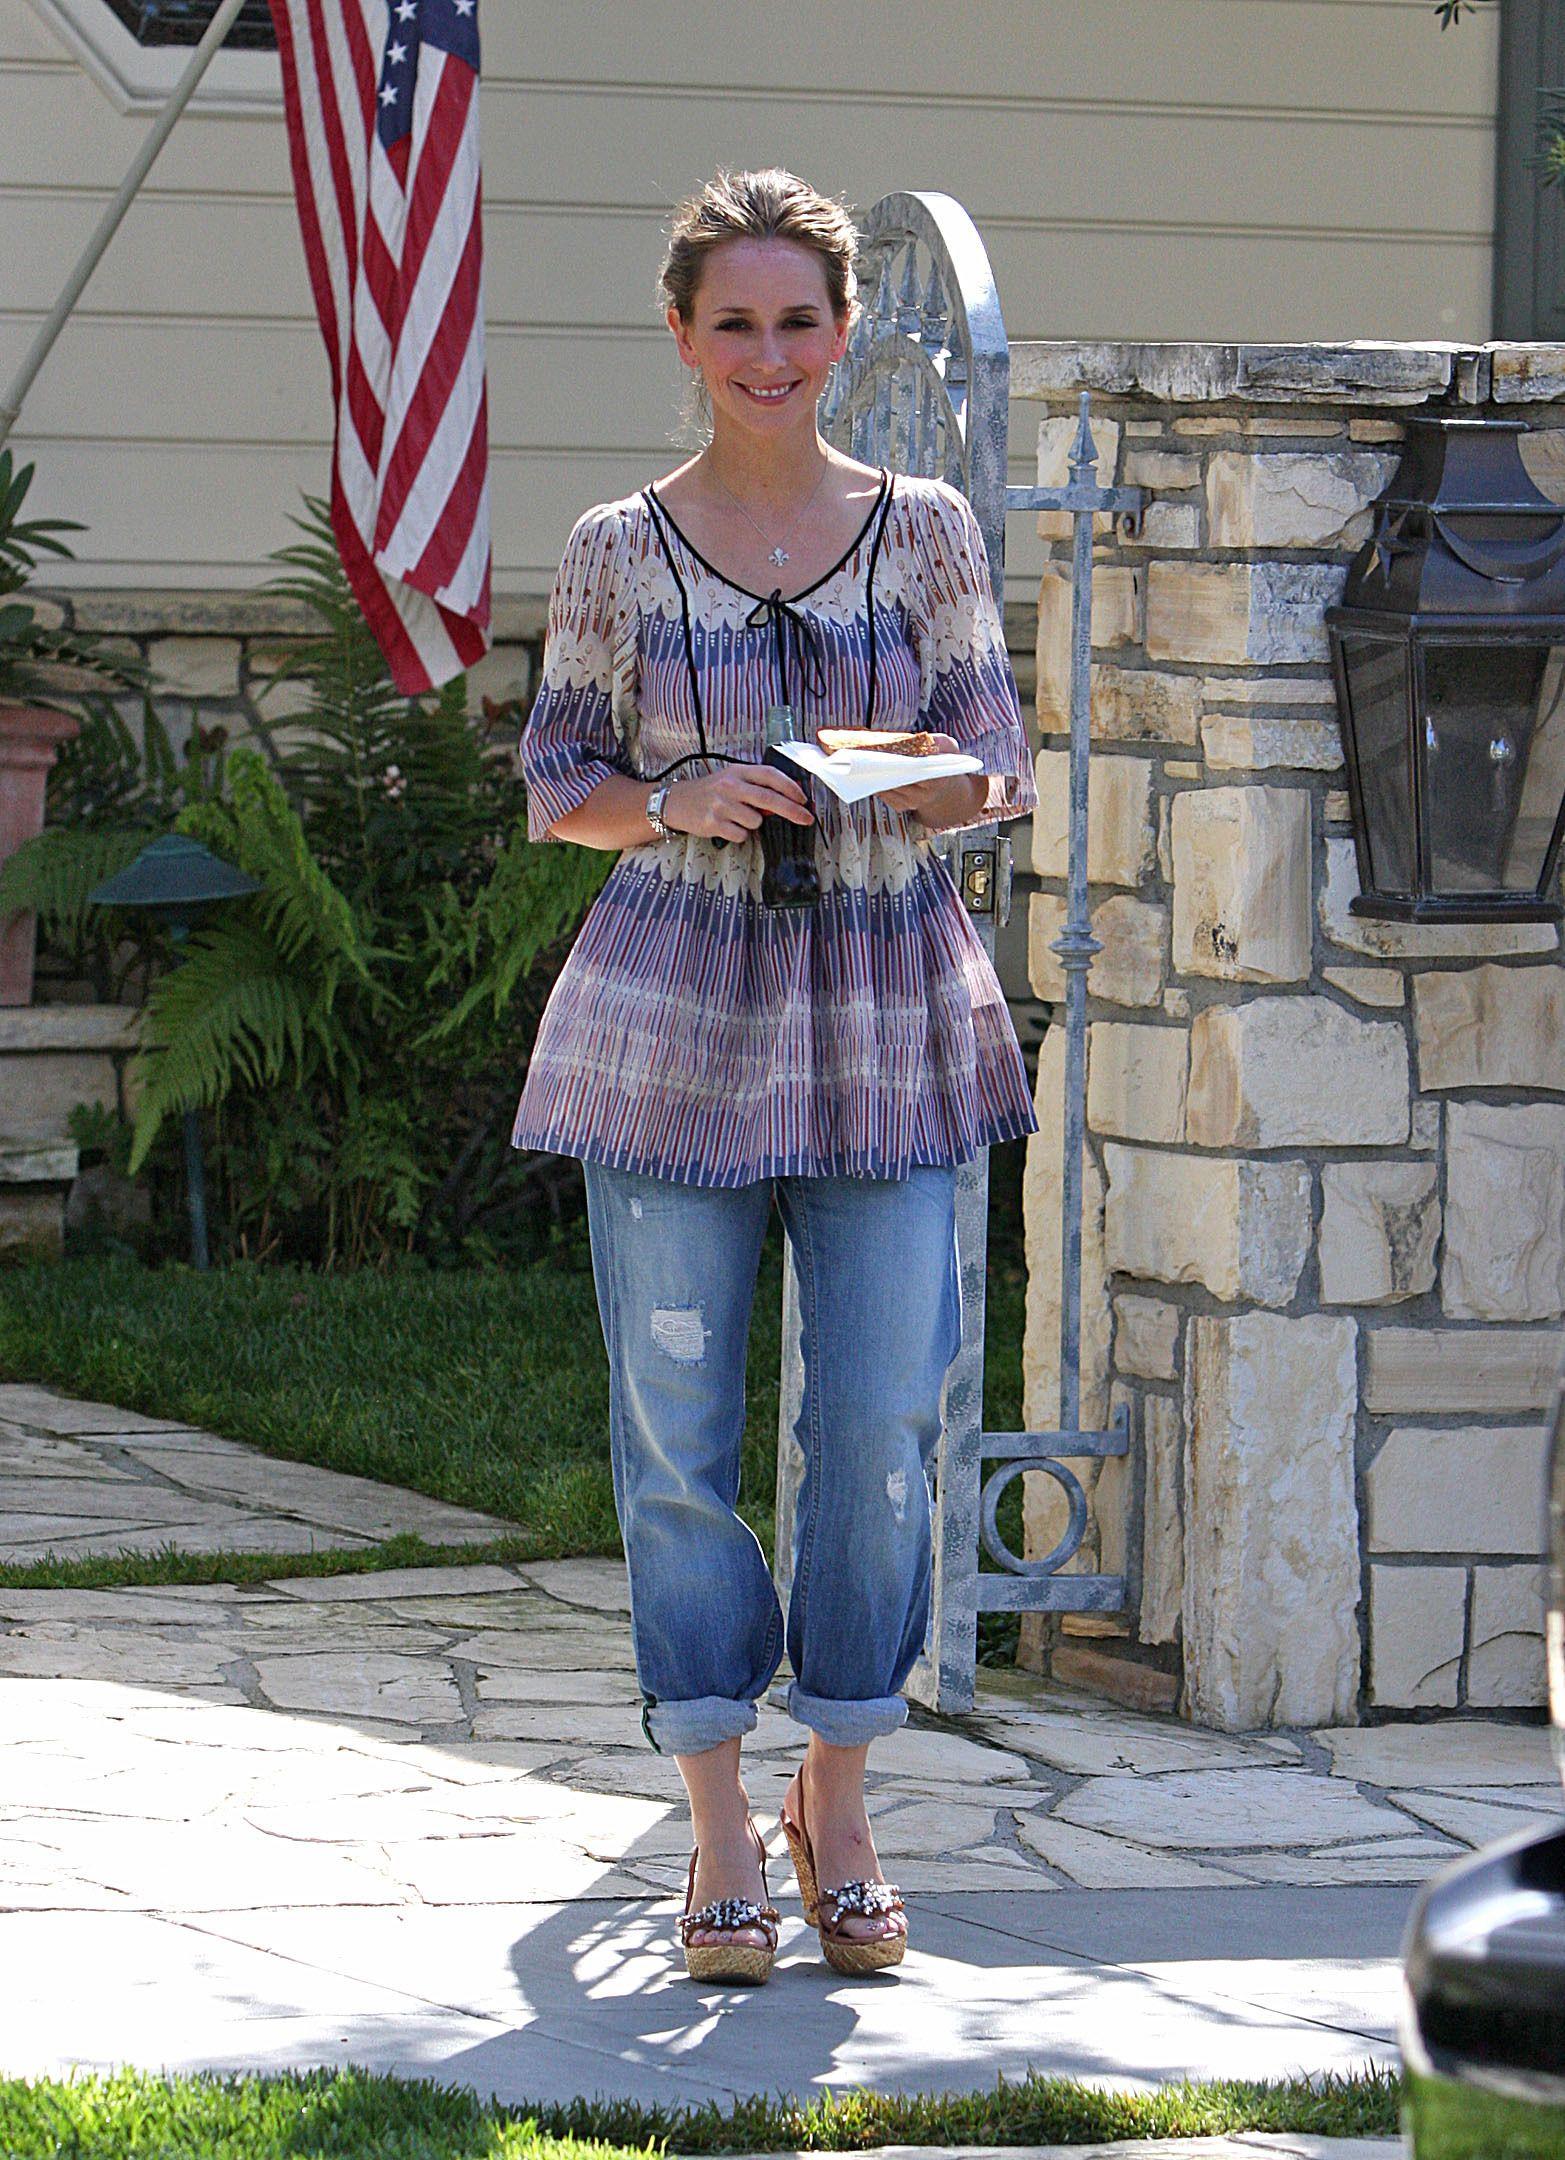 95725_Jennifer_Love_Hewitt_leaves_a_friends_house_in_Los_Angeles_20090327_06_122_1048lo.jpg